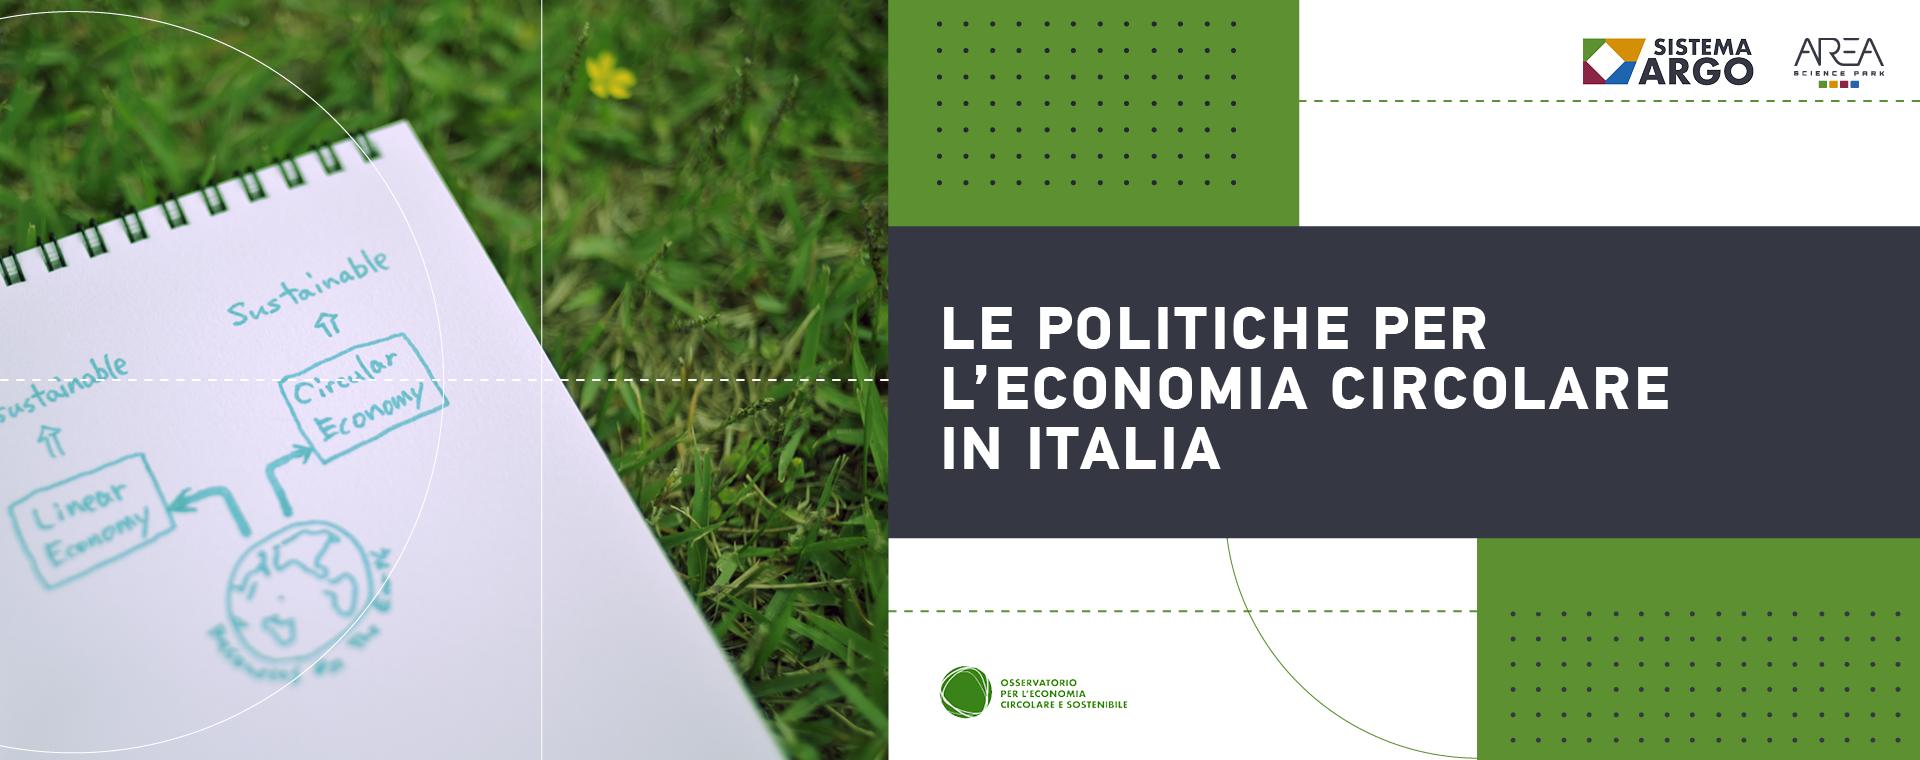 Le politiche per l'economia circolare – Livello Nazionale italiano